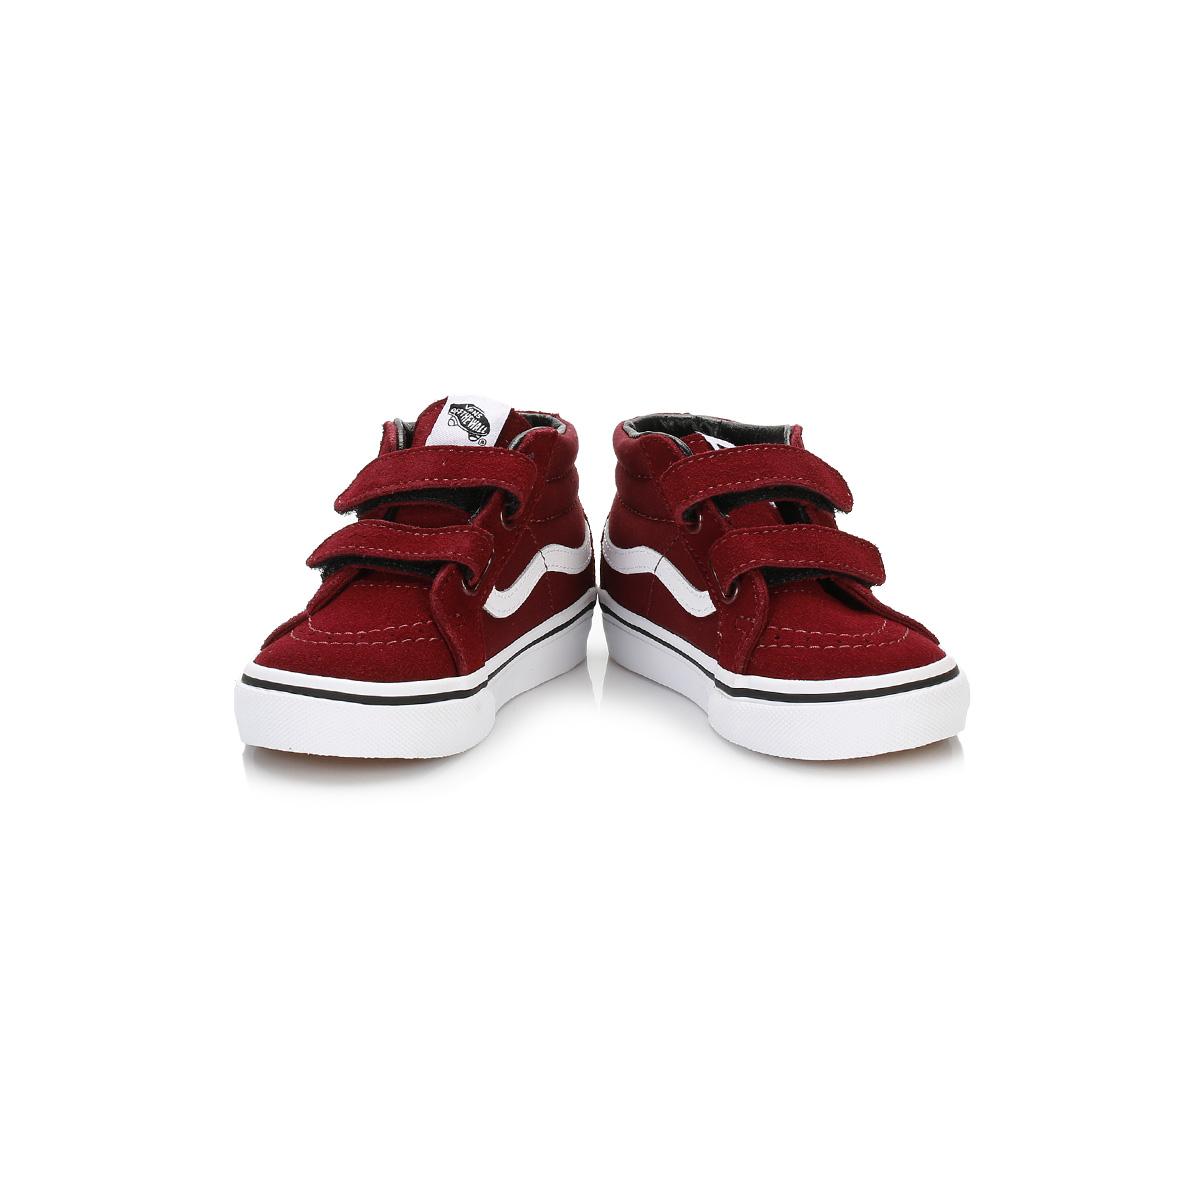 zapato deportivo de niño vans